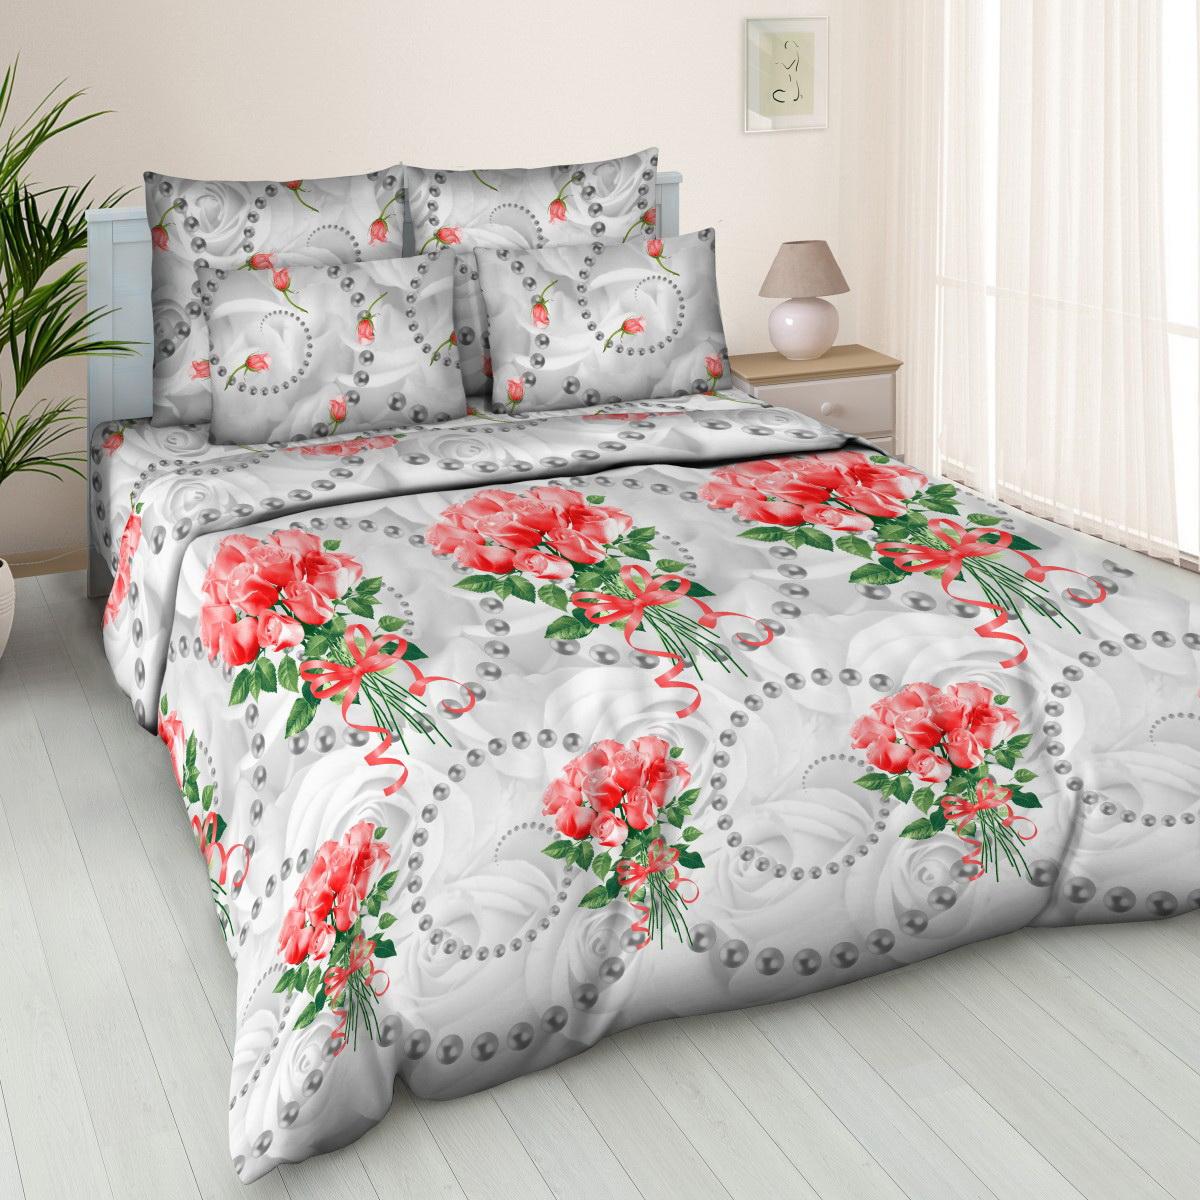 Комплект белья Cleo Жемчужная роза, евро, наволочки 70x70